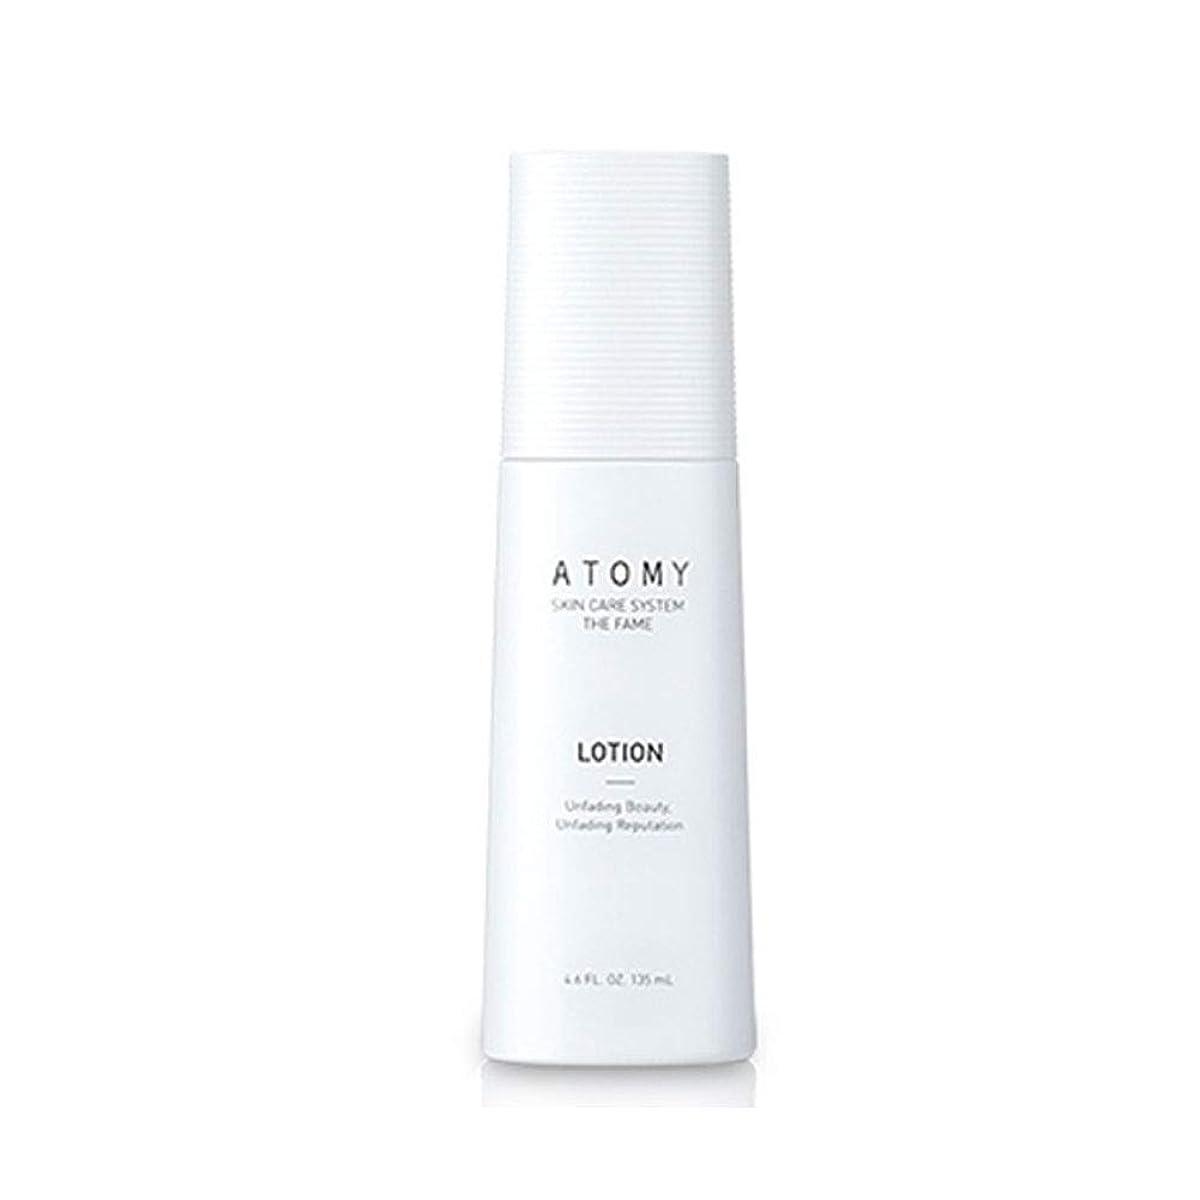 進行中警察リングレットアトミザ?フェームローション135ml韓国コスメ、Atomy The Fame Lotion 135ml Korean Cosmetics [並行輸入品]